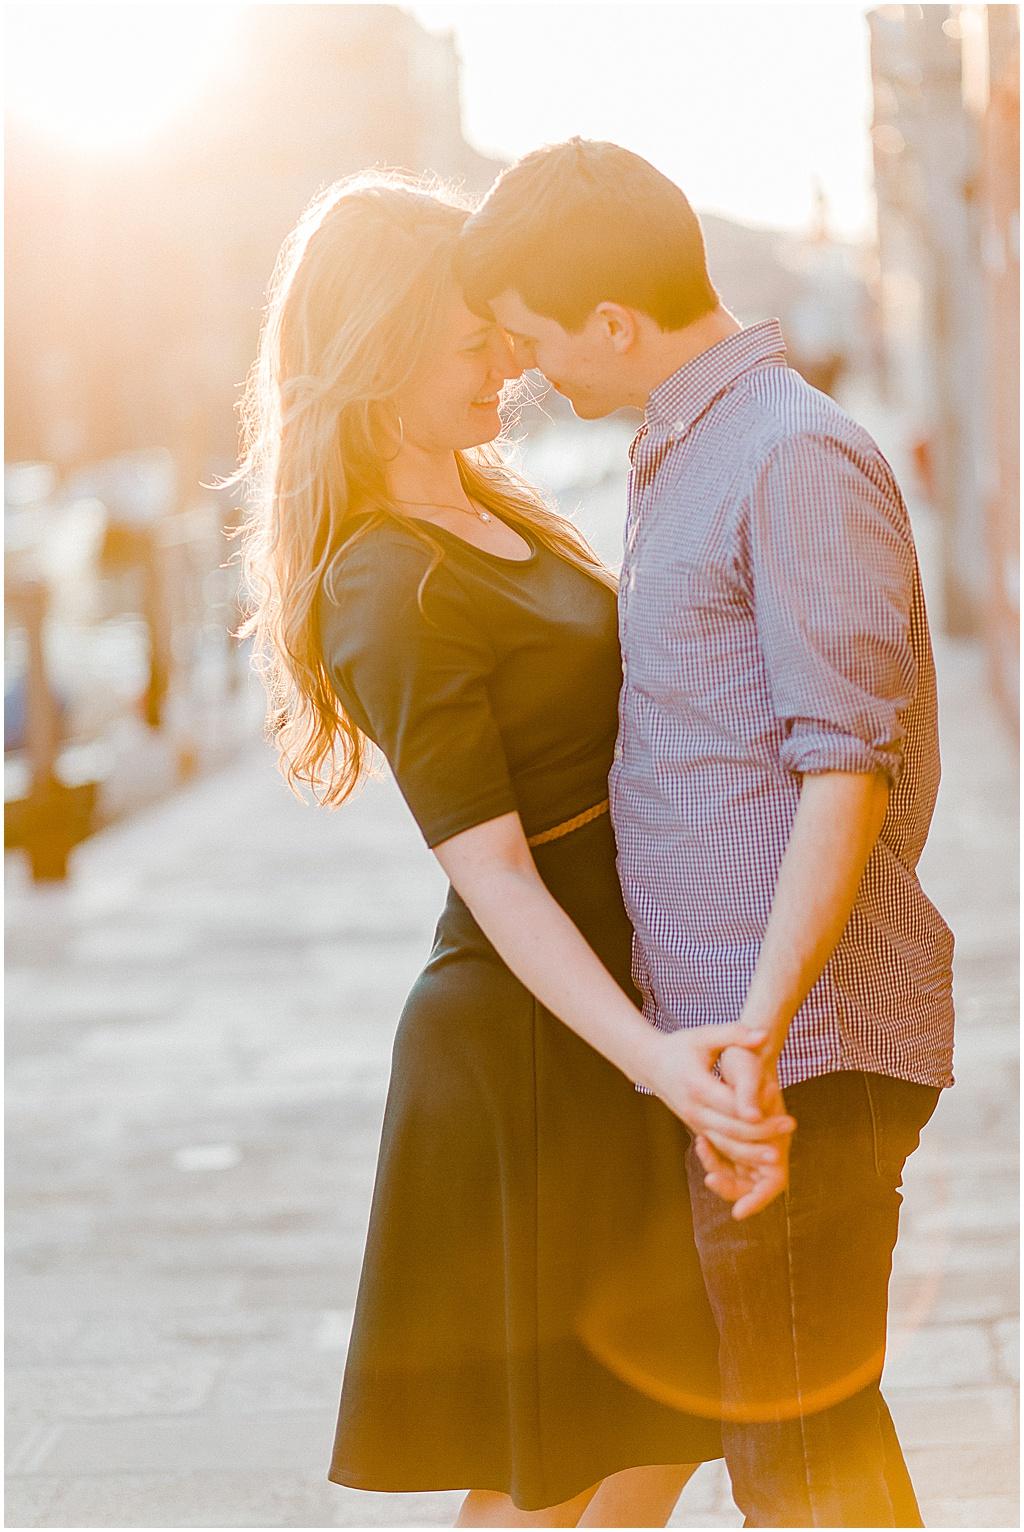 couple-photoshoot-in-venice-sunrise-stefano-degirmenci_0189.jpg